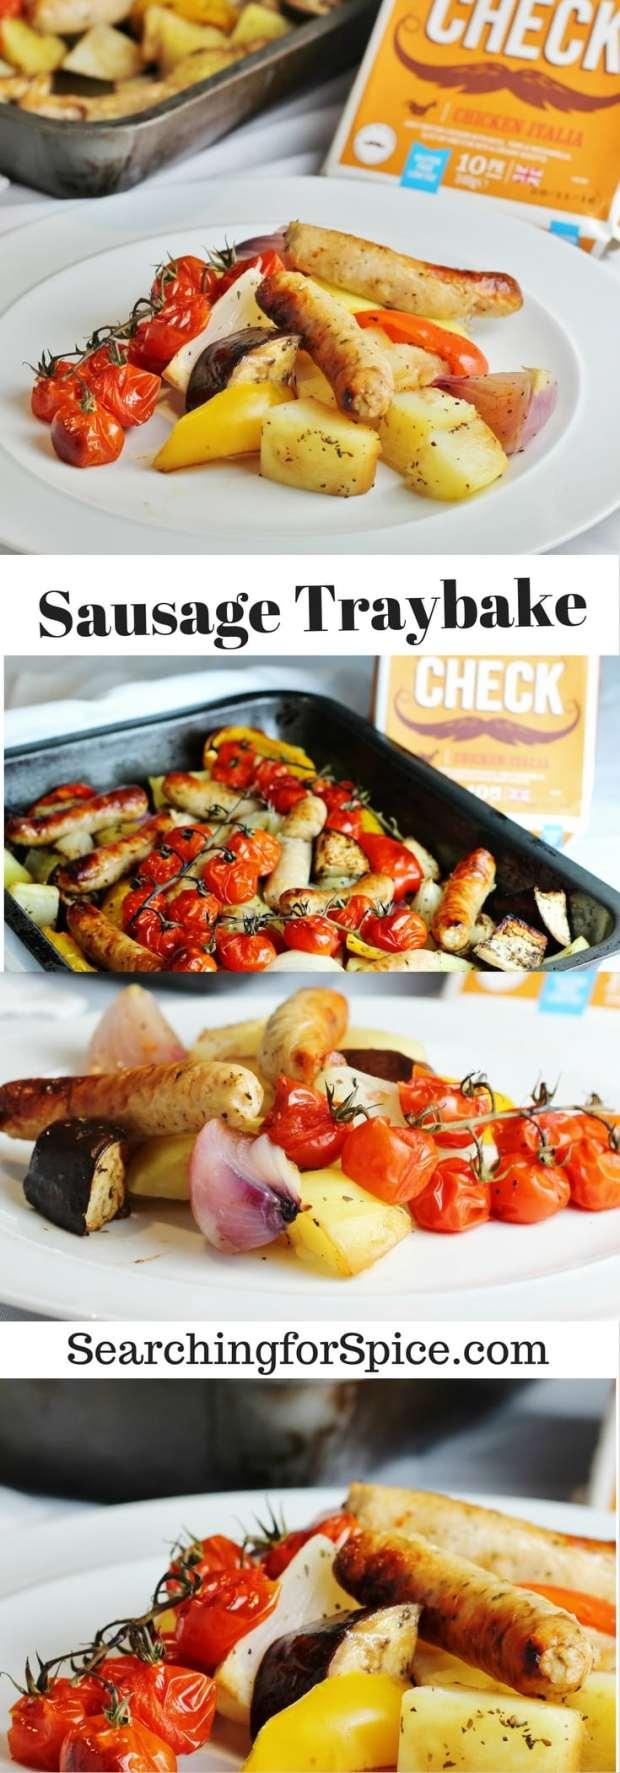 sausage-traybake